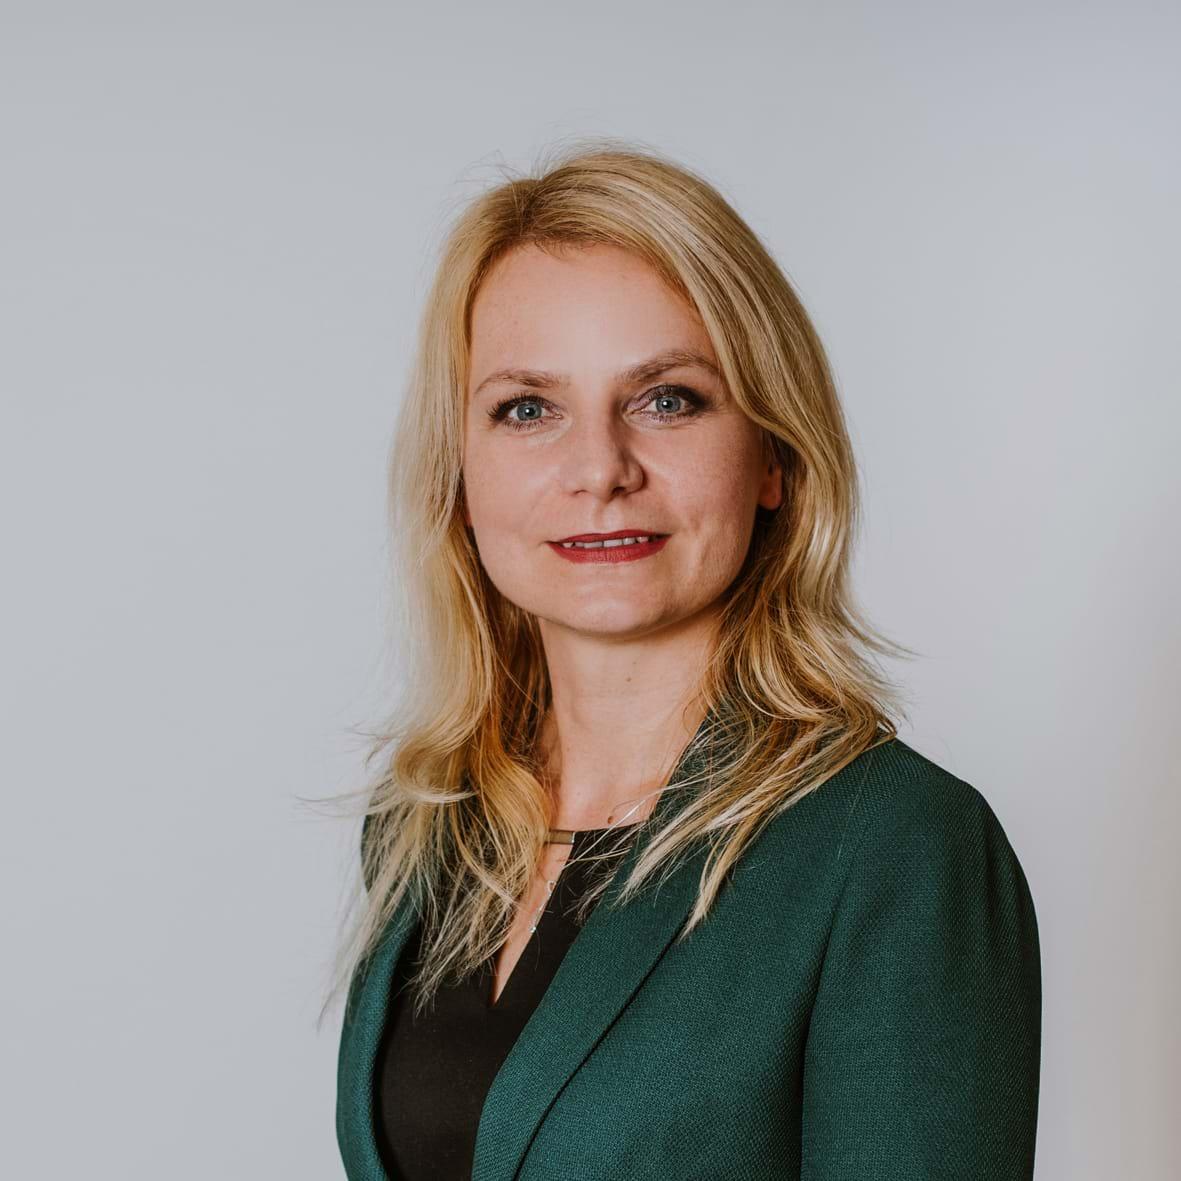 Iwona Studzińska